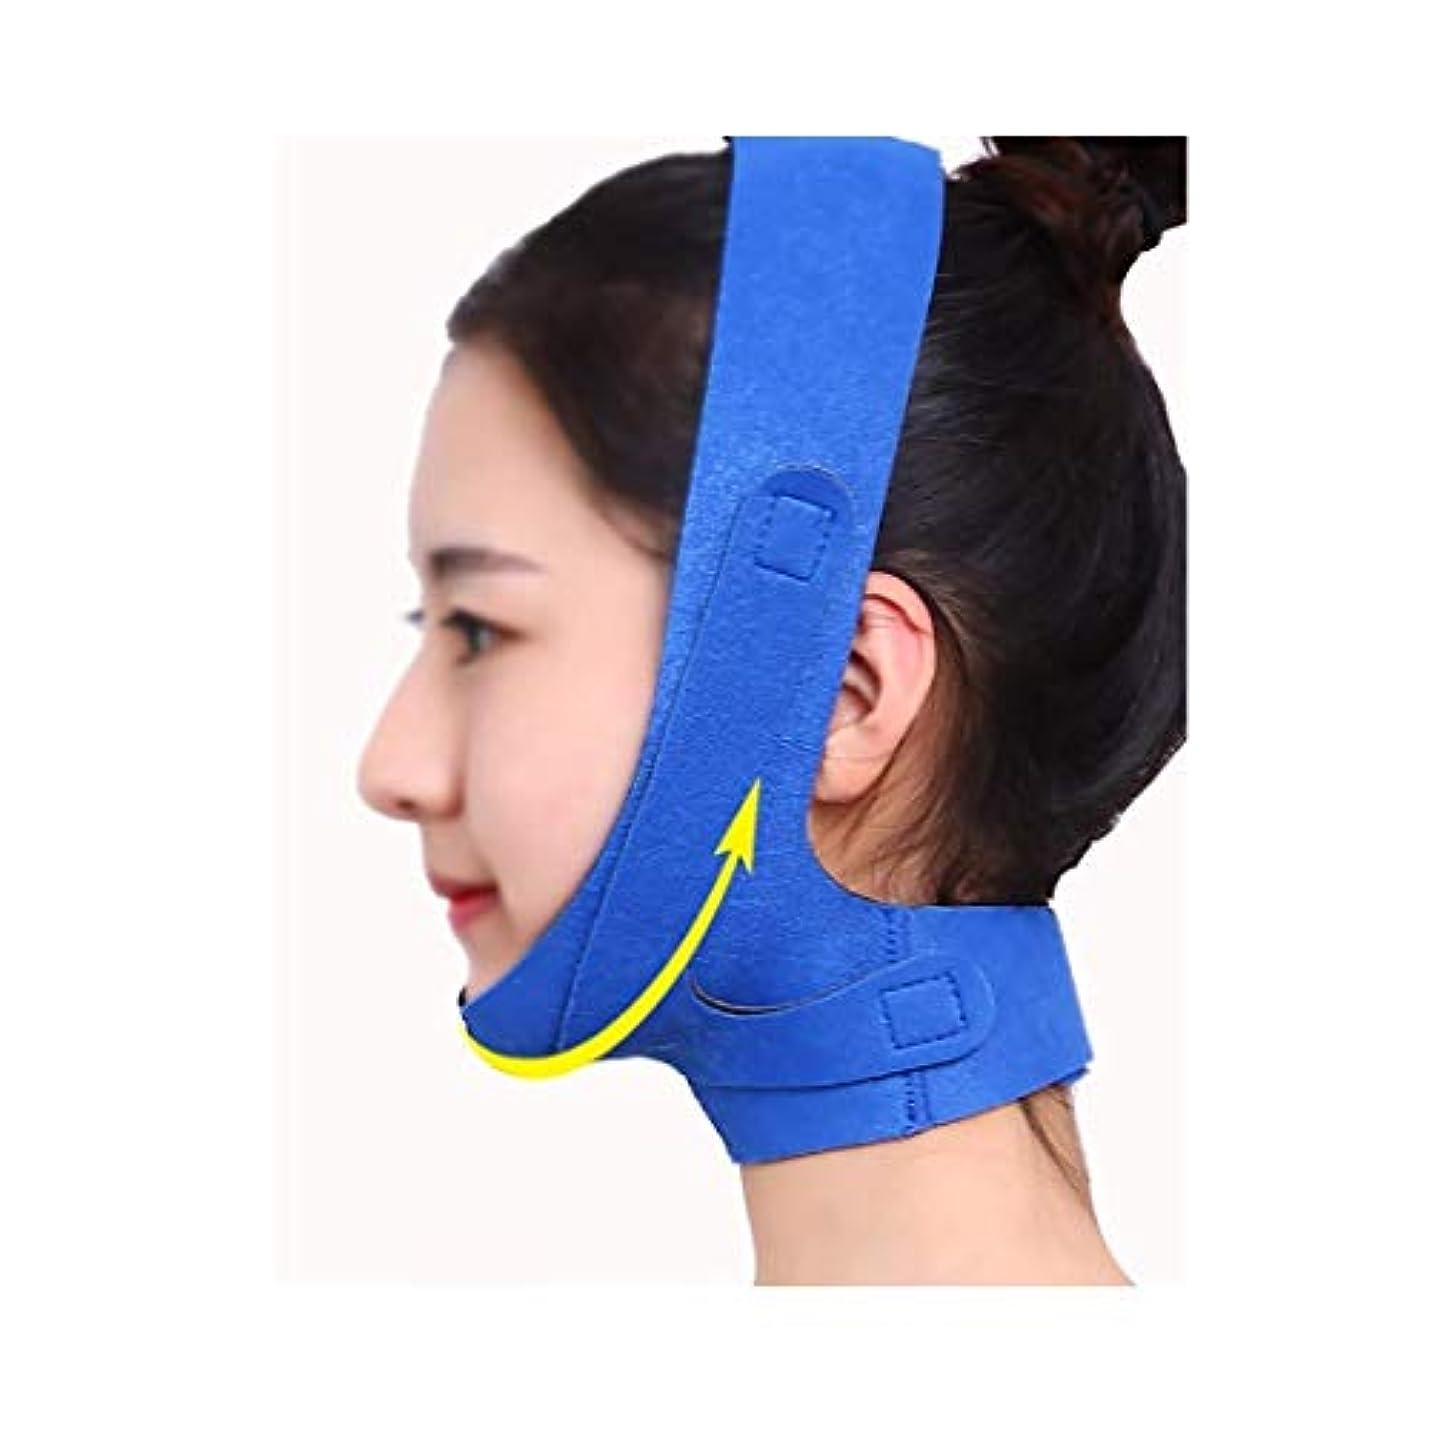 有益意外精神的にフェイスリフトマスク、チンストラップの回復の包帯の睡眠の薄い顔の包帯の薄いフェイスマスクフェイスリフトの美のマスクの包帯の青いフェイスマスクが付いている小さいVの顔を高めるフェイスリフトのアーティファクト